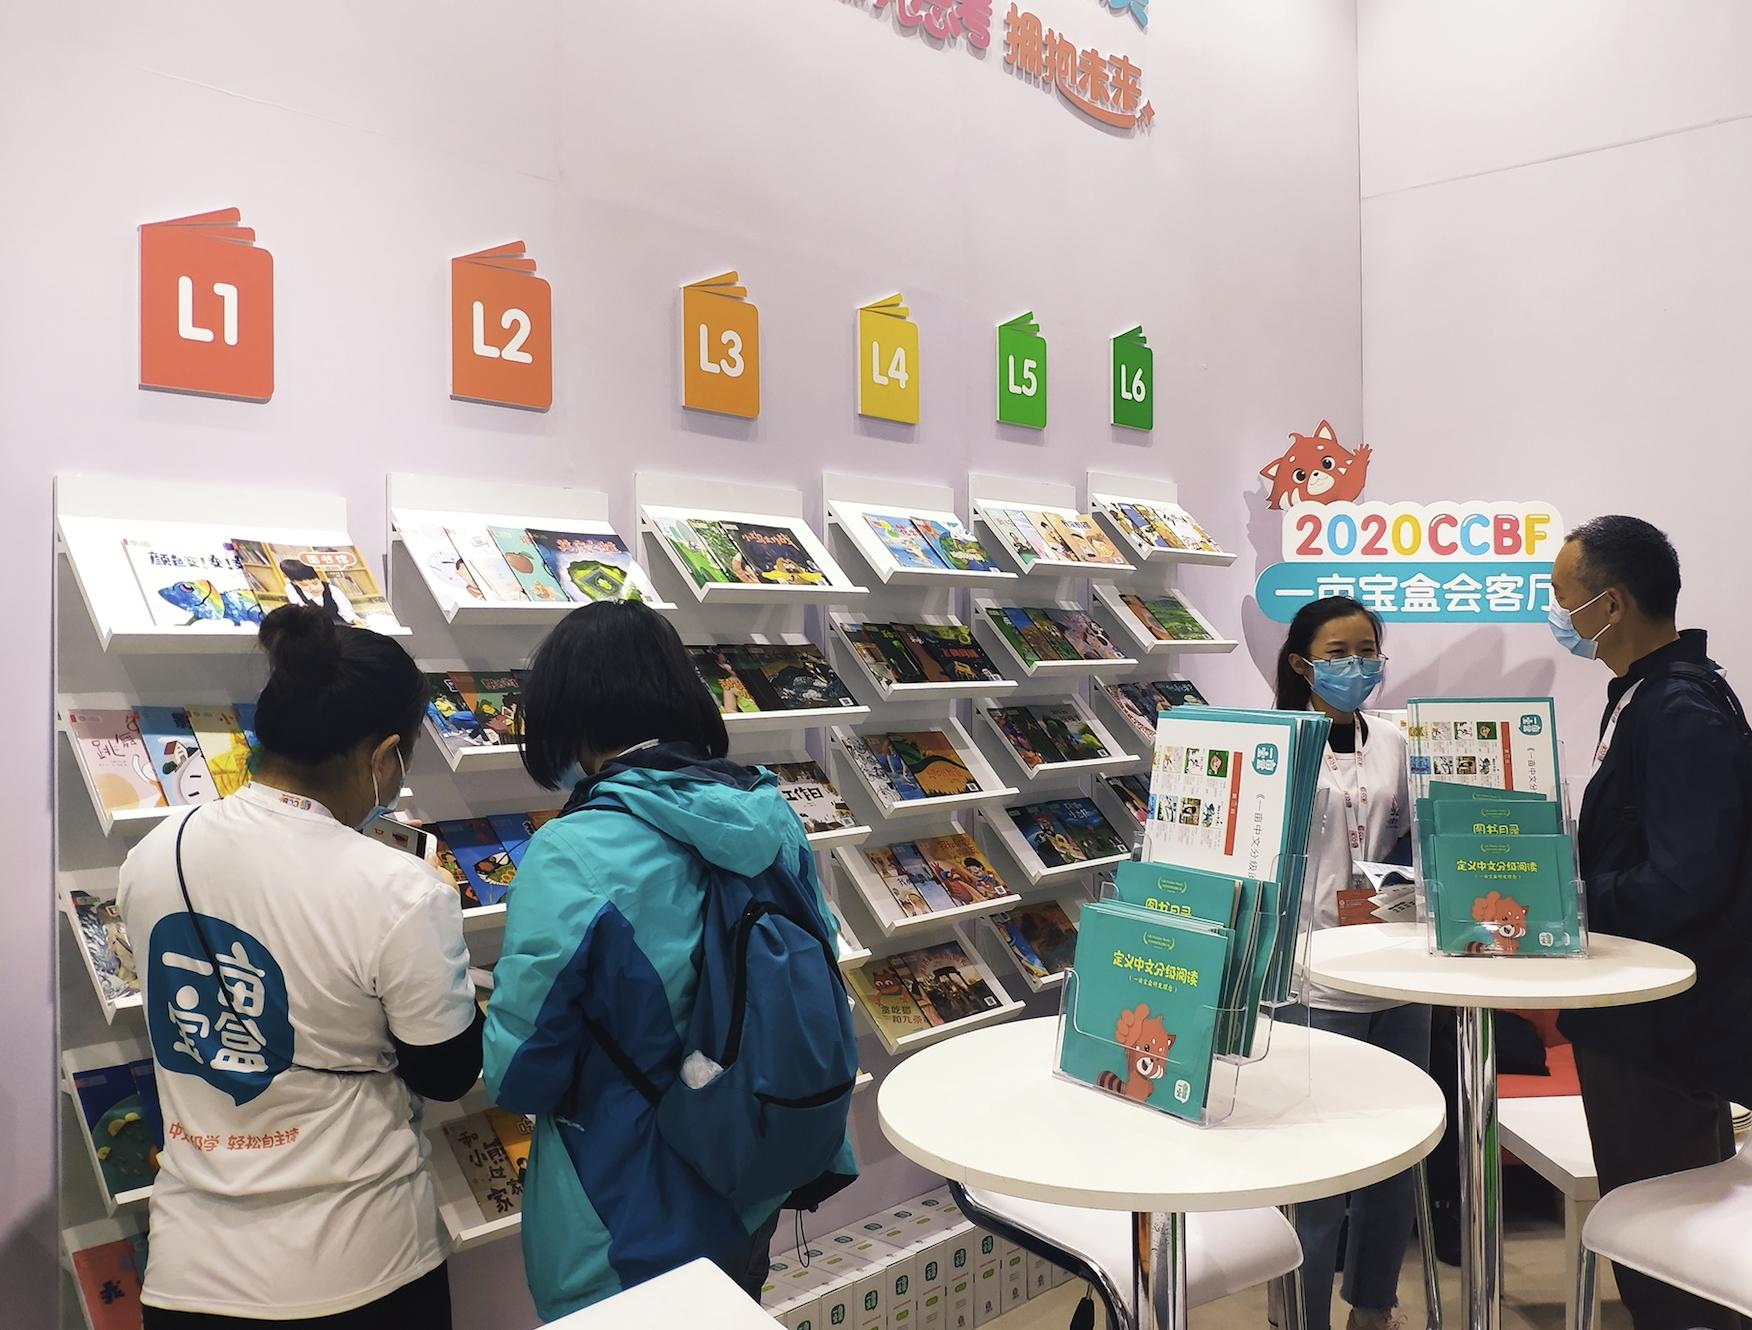 一亩童书馆:把理性思维与科学启蒙带入儿童阅读教育